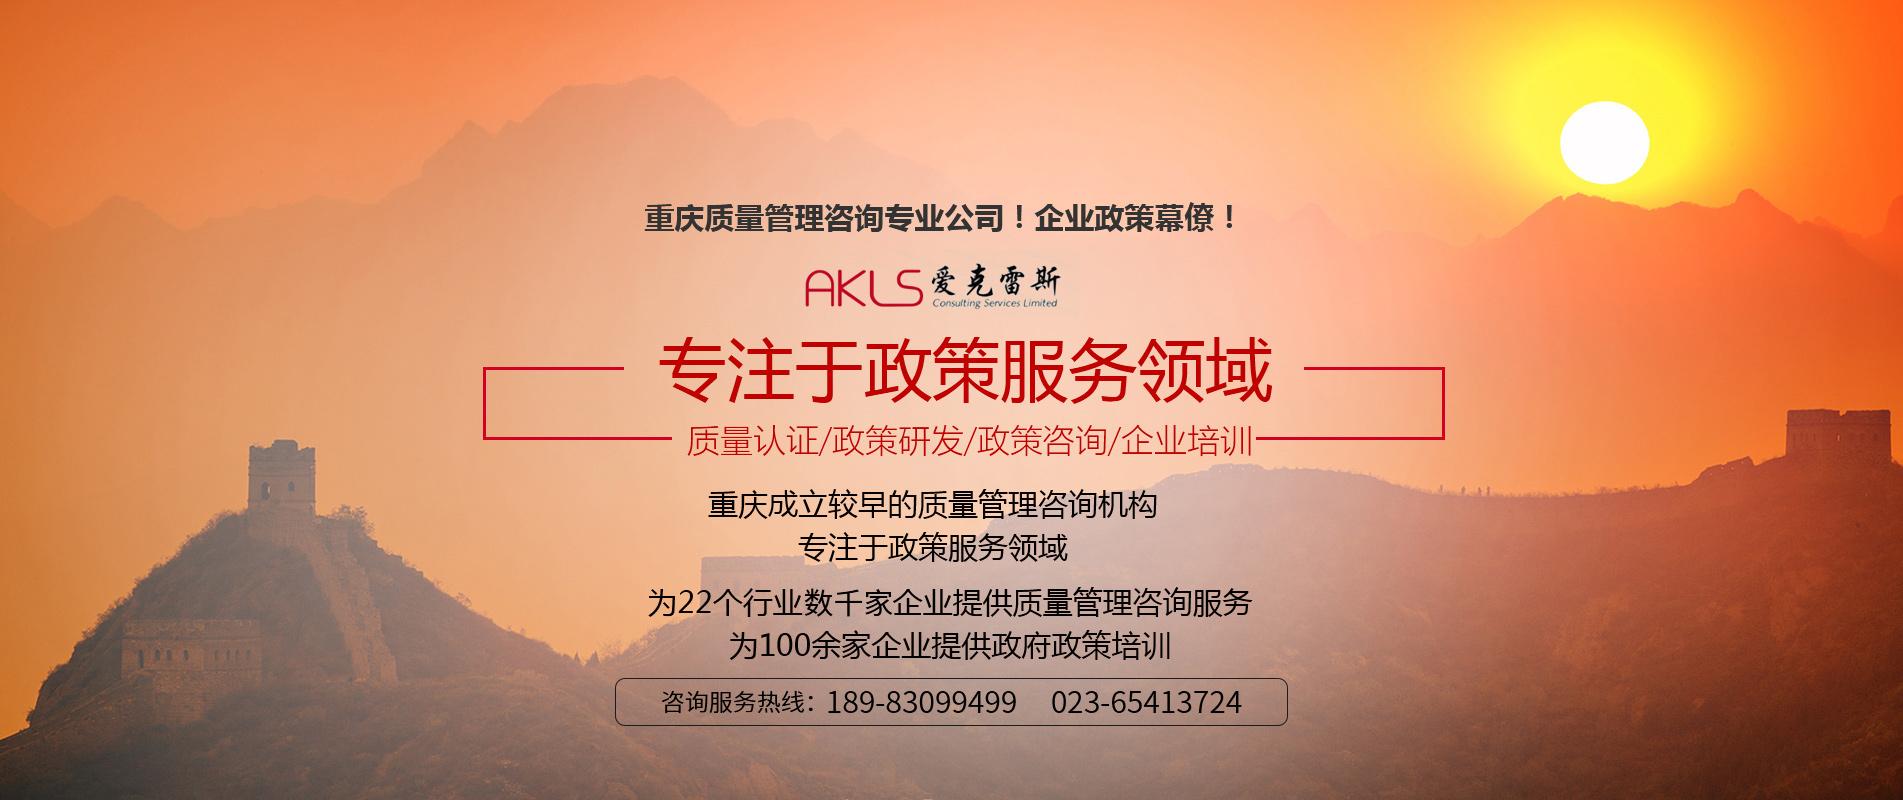 重庆市长质量奖咨询